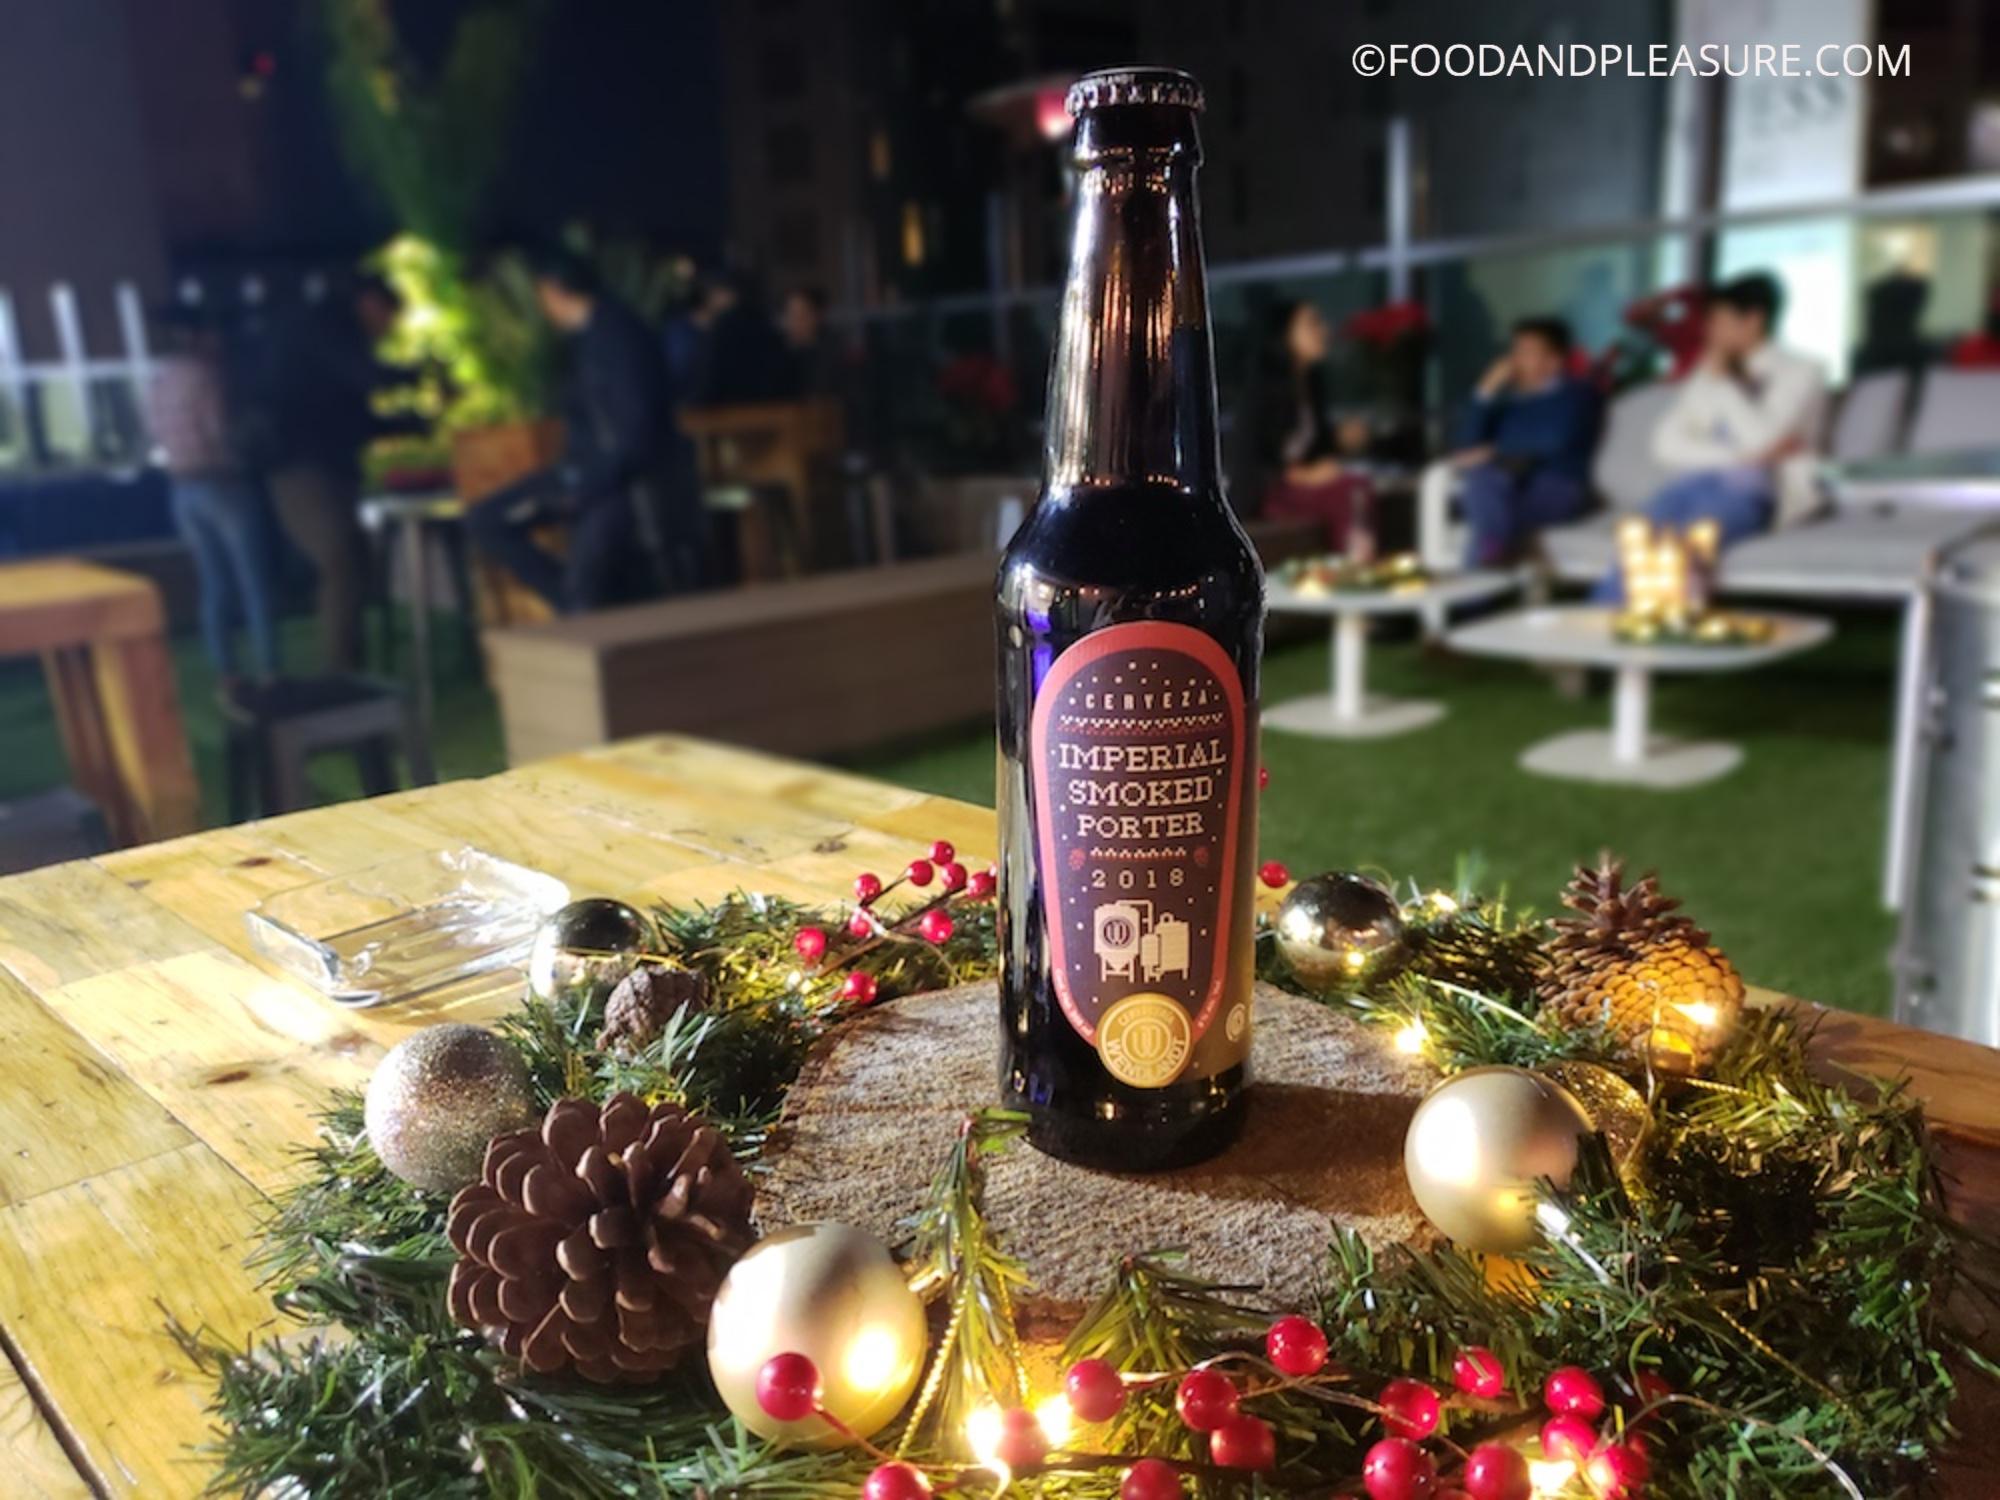 Imperial Smoked Porter: la cerveza especial de invierno que sabe a 'Navidad'